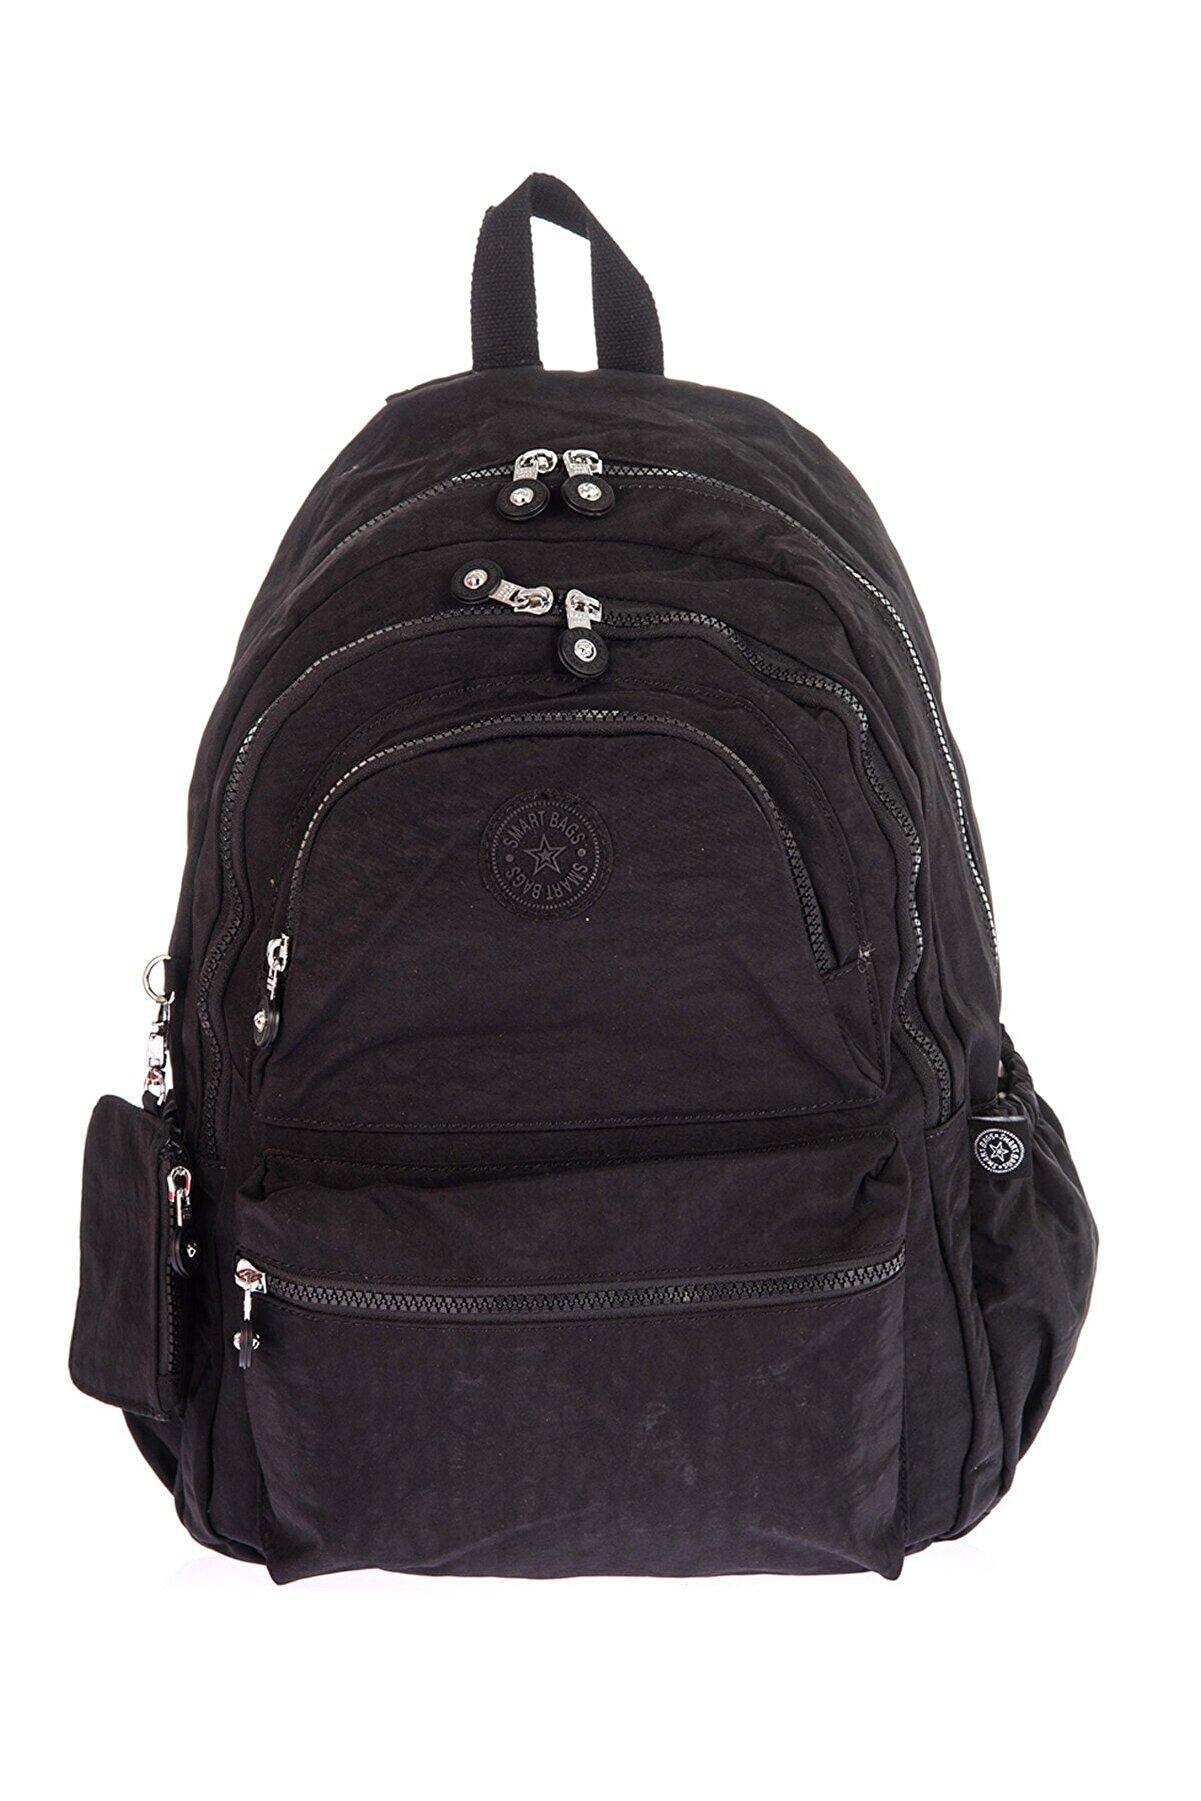 Smart Bags Kadın Siyah Sırt Çantası